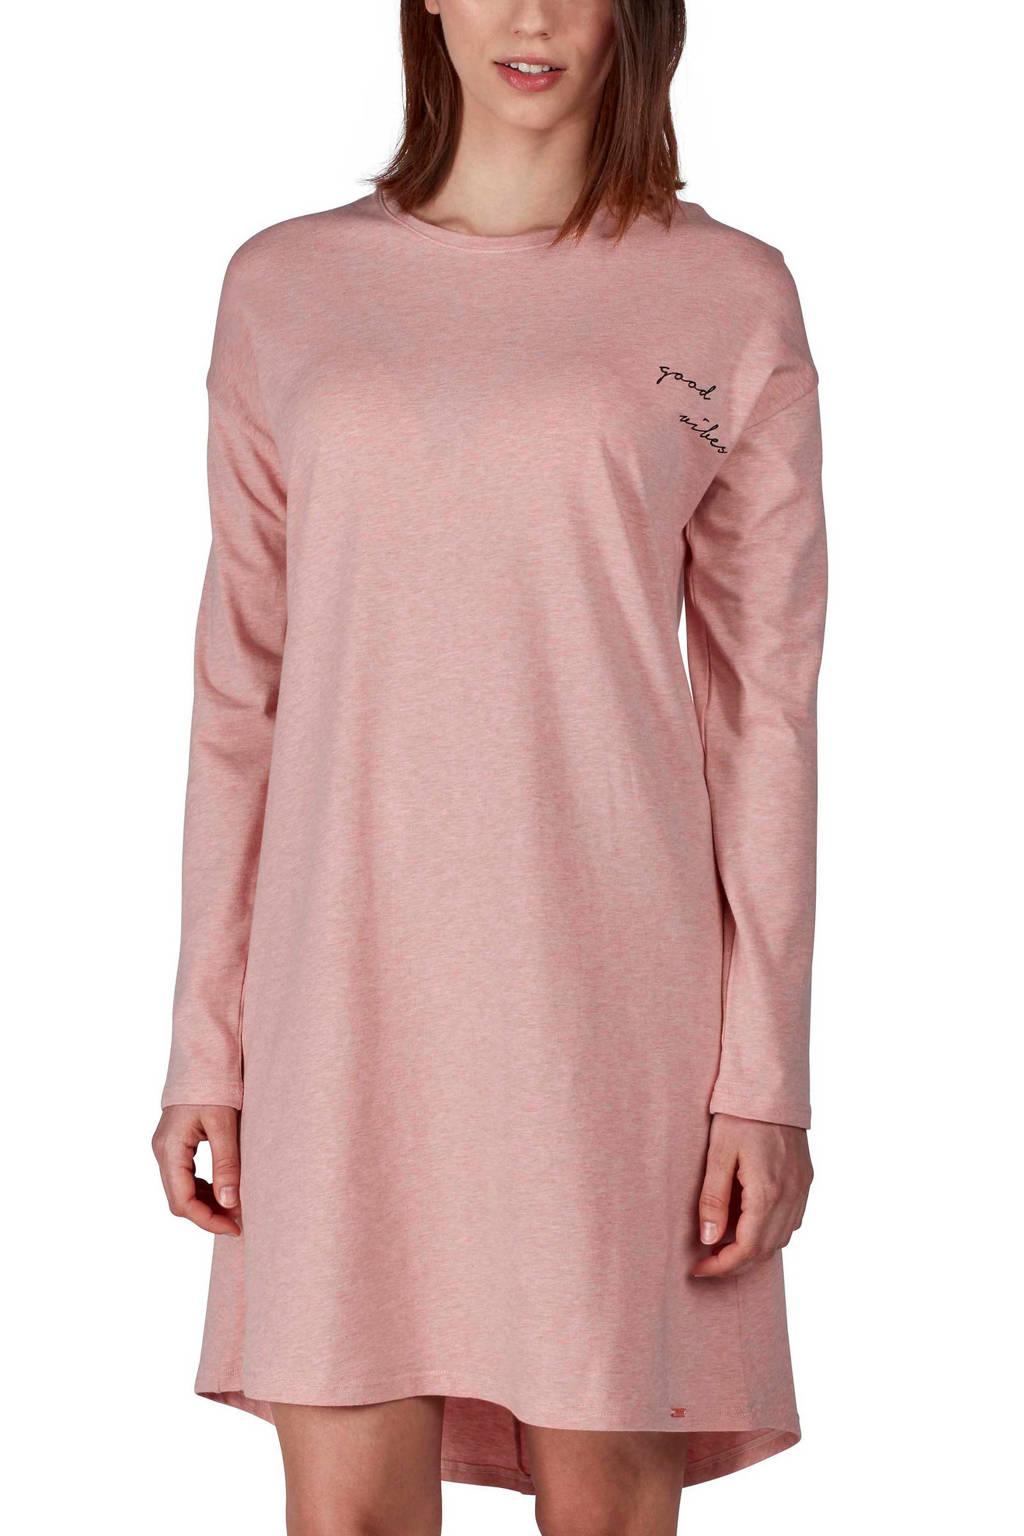 SKINY nachthemd roze, Roze